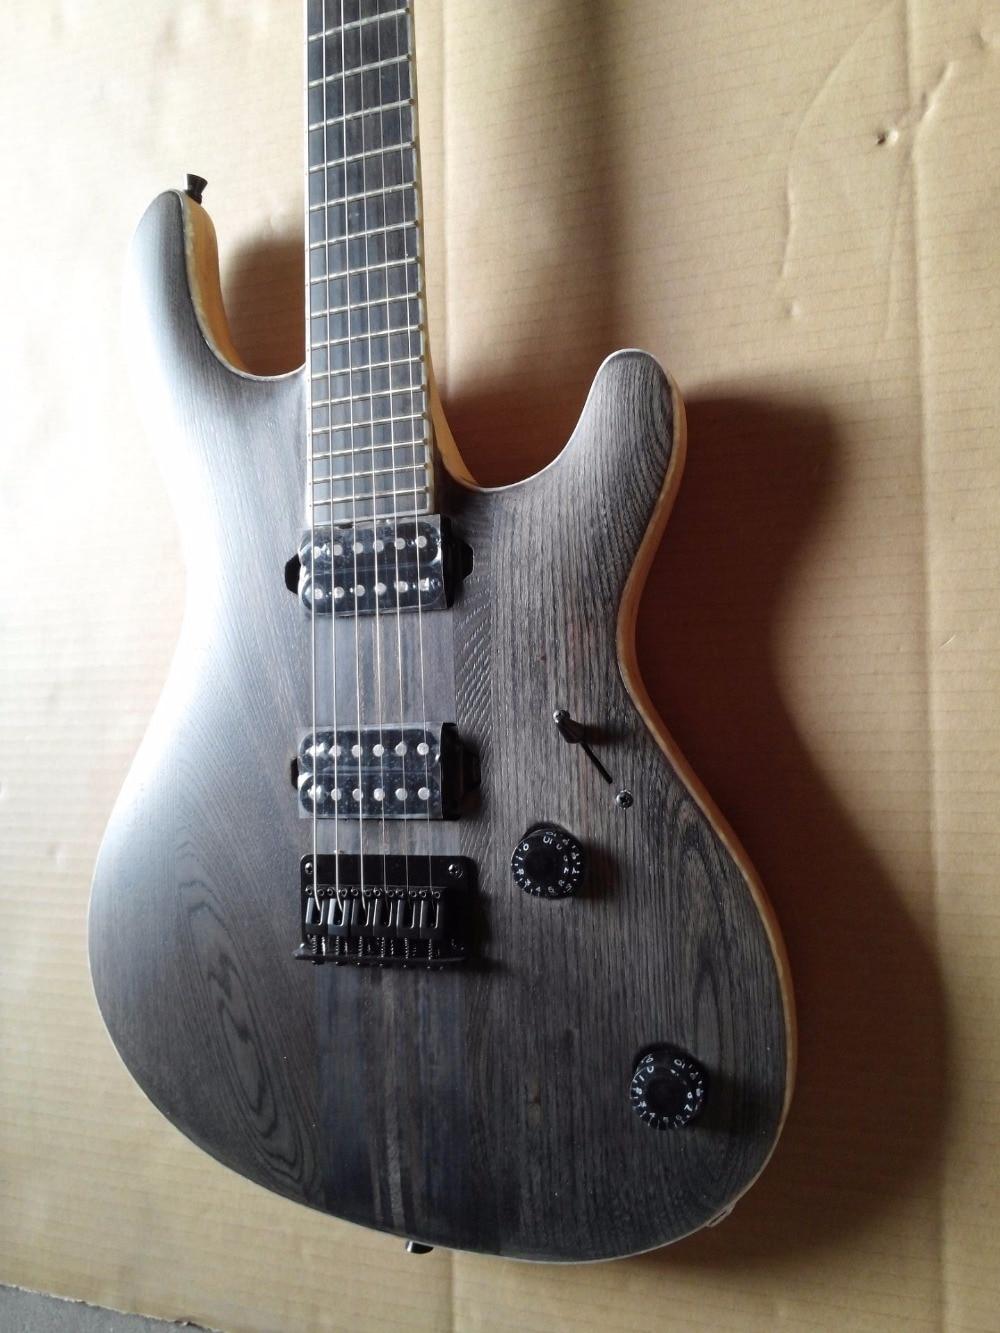 Good Quality  Mayones Regius 6 String Electric Guitar Neck Thru Body ASH Wood Body